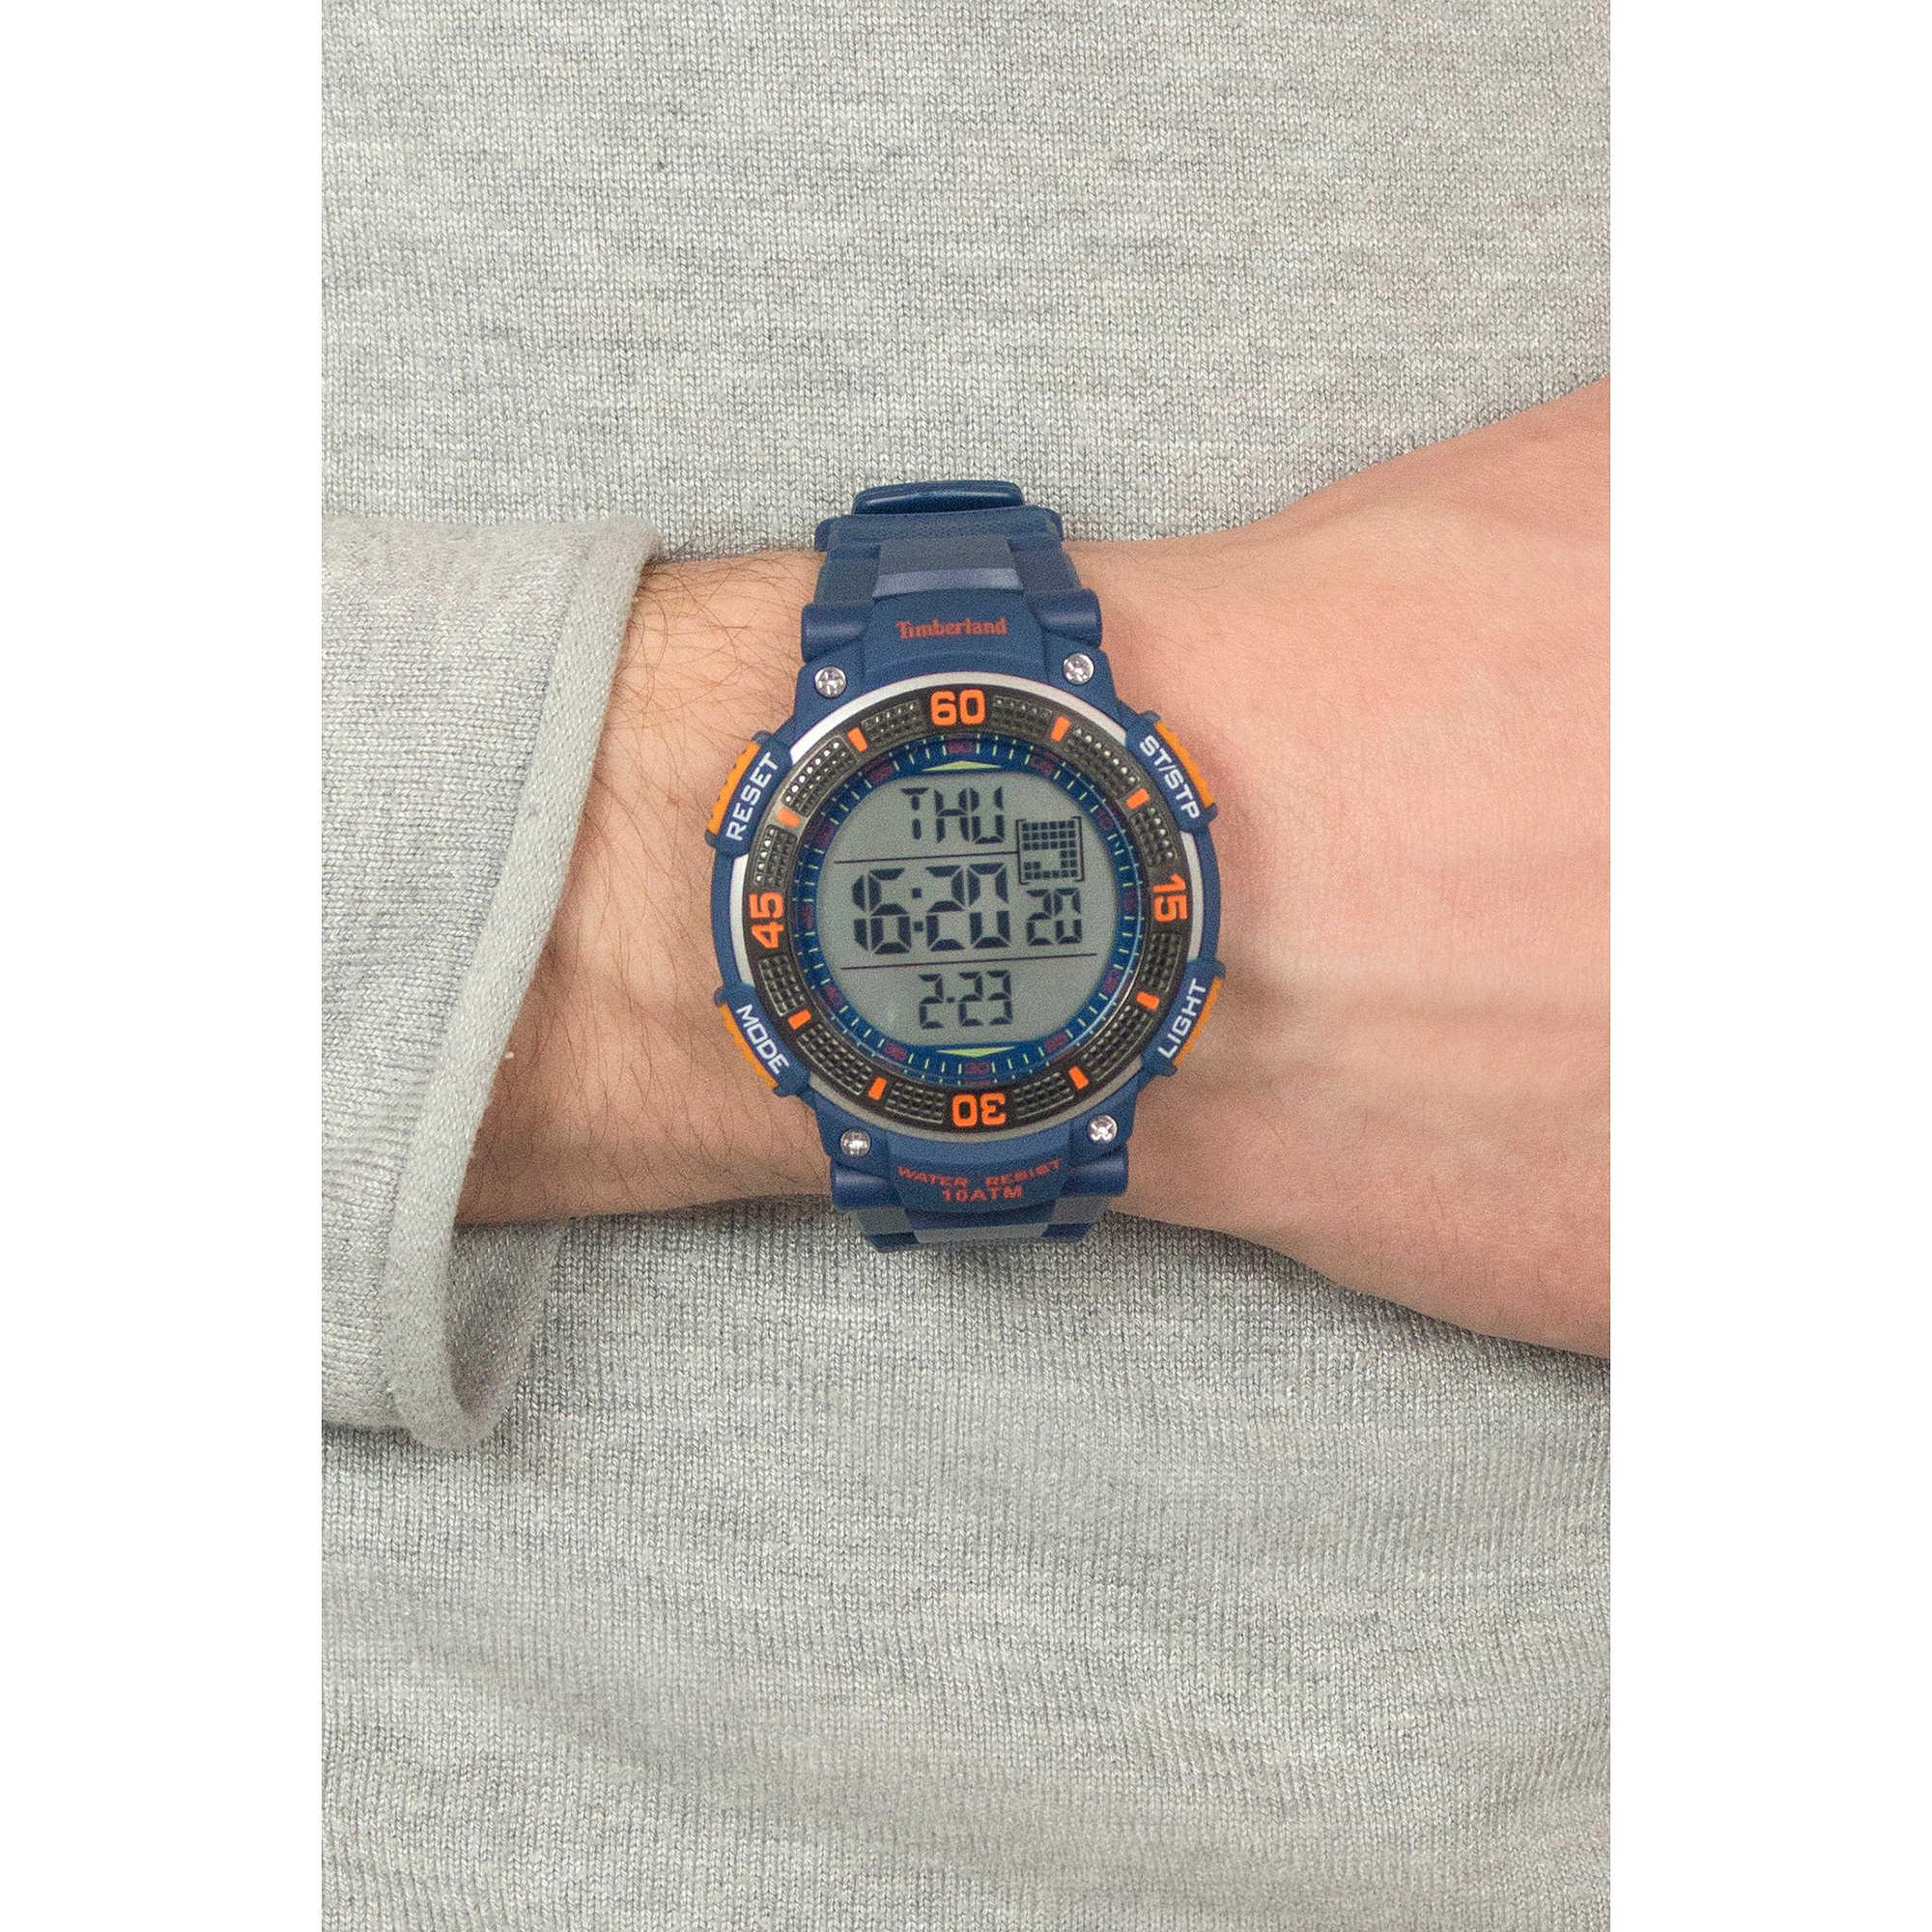 d90125f145f9 watch digital man Timberland Cadion TBL.13554JPBLU 04 digitals ...